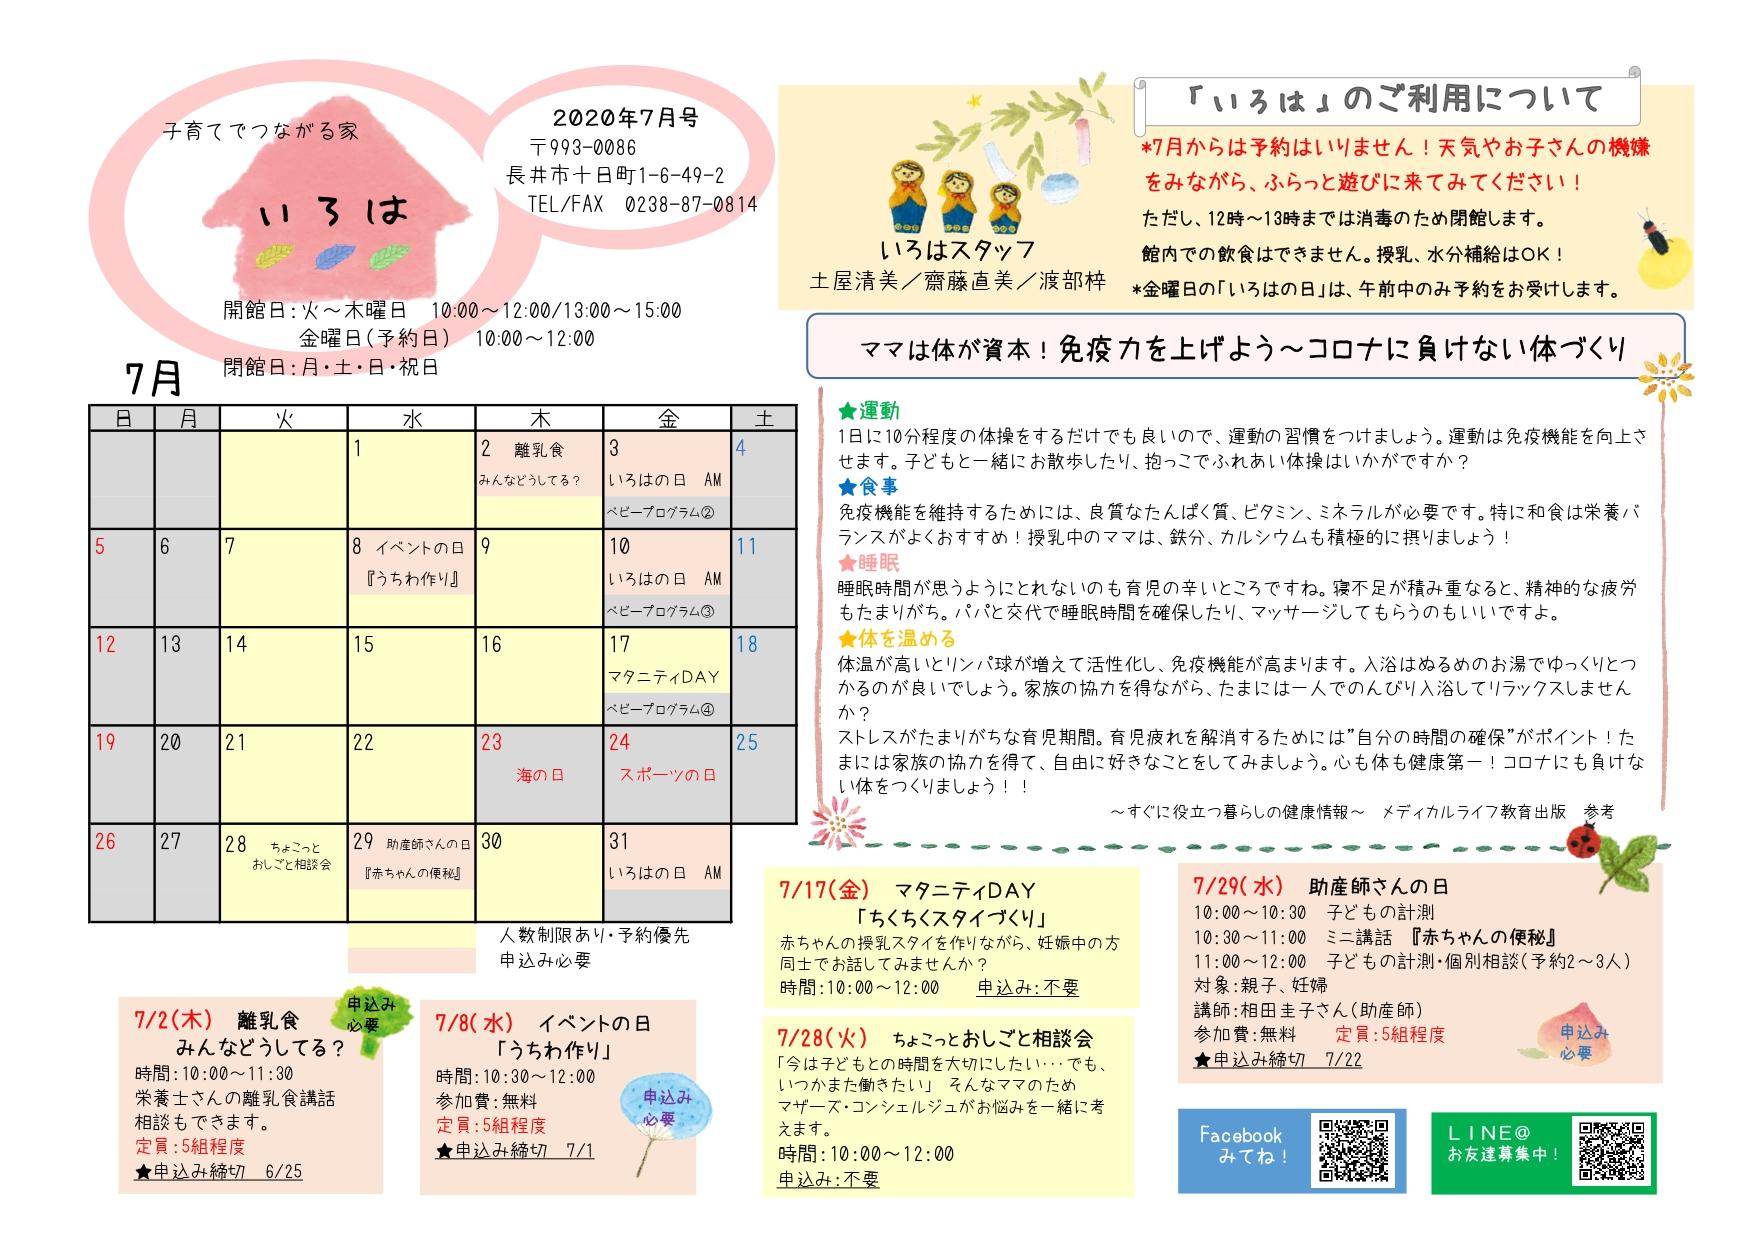 いろは(長井市子育て支援センター)おたより7月:画像